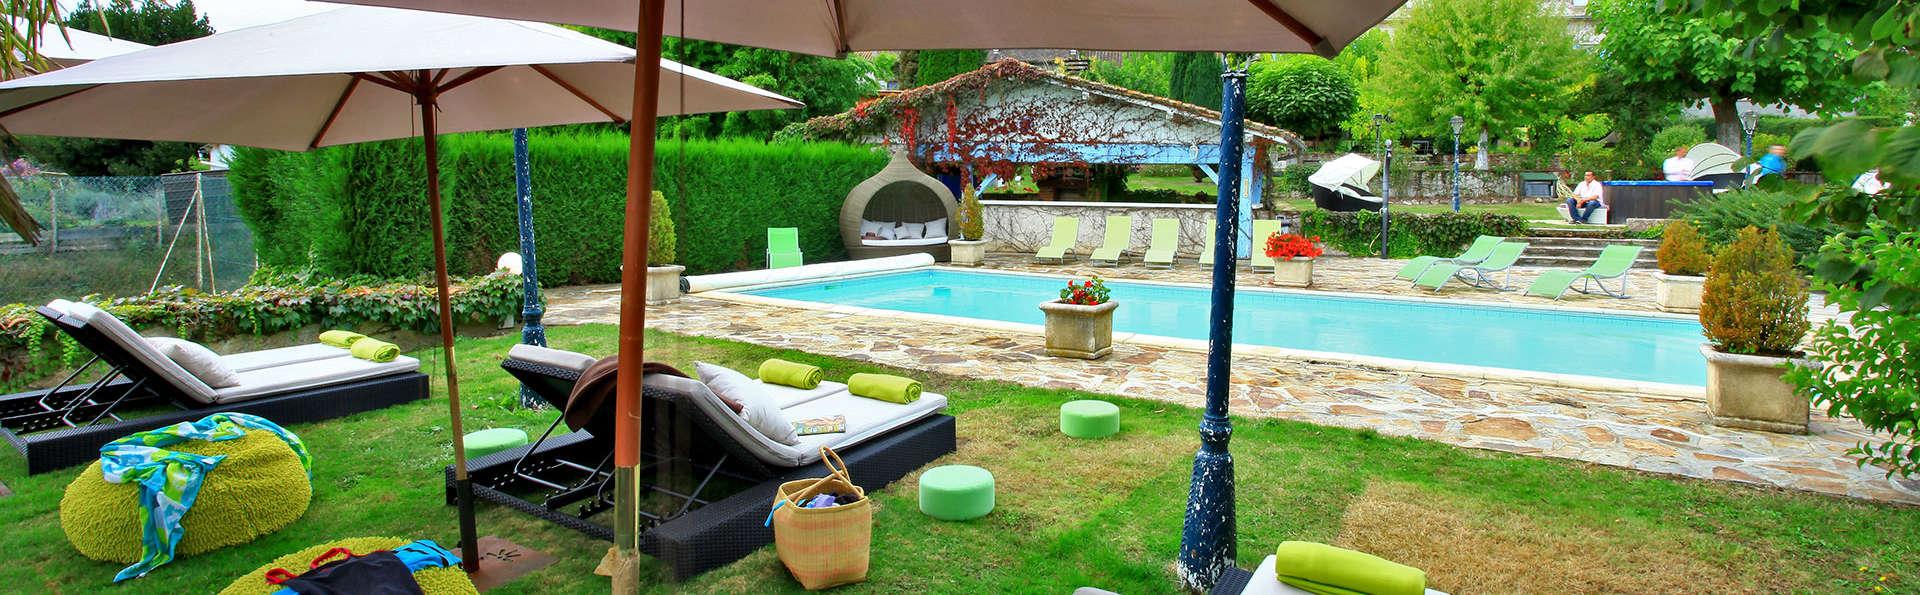 Hostellerie Saint Jacques - edit_gardenpool1.jpg